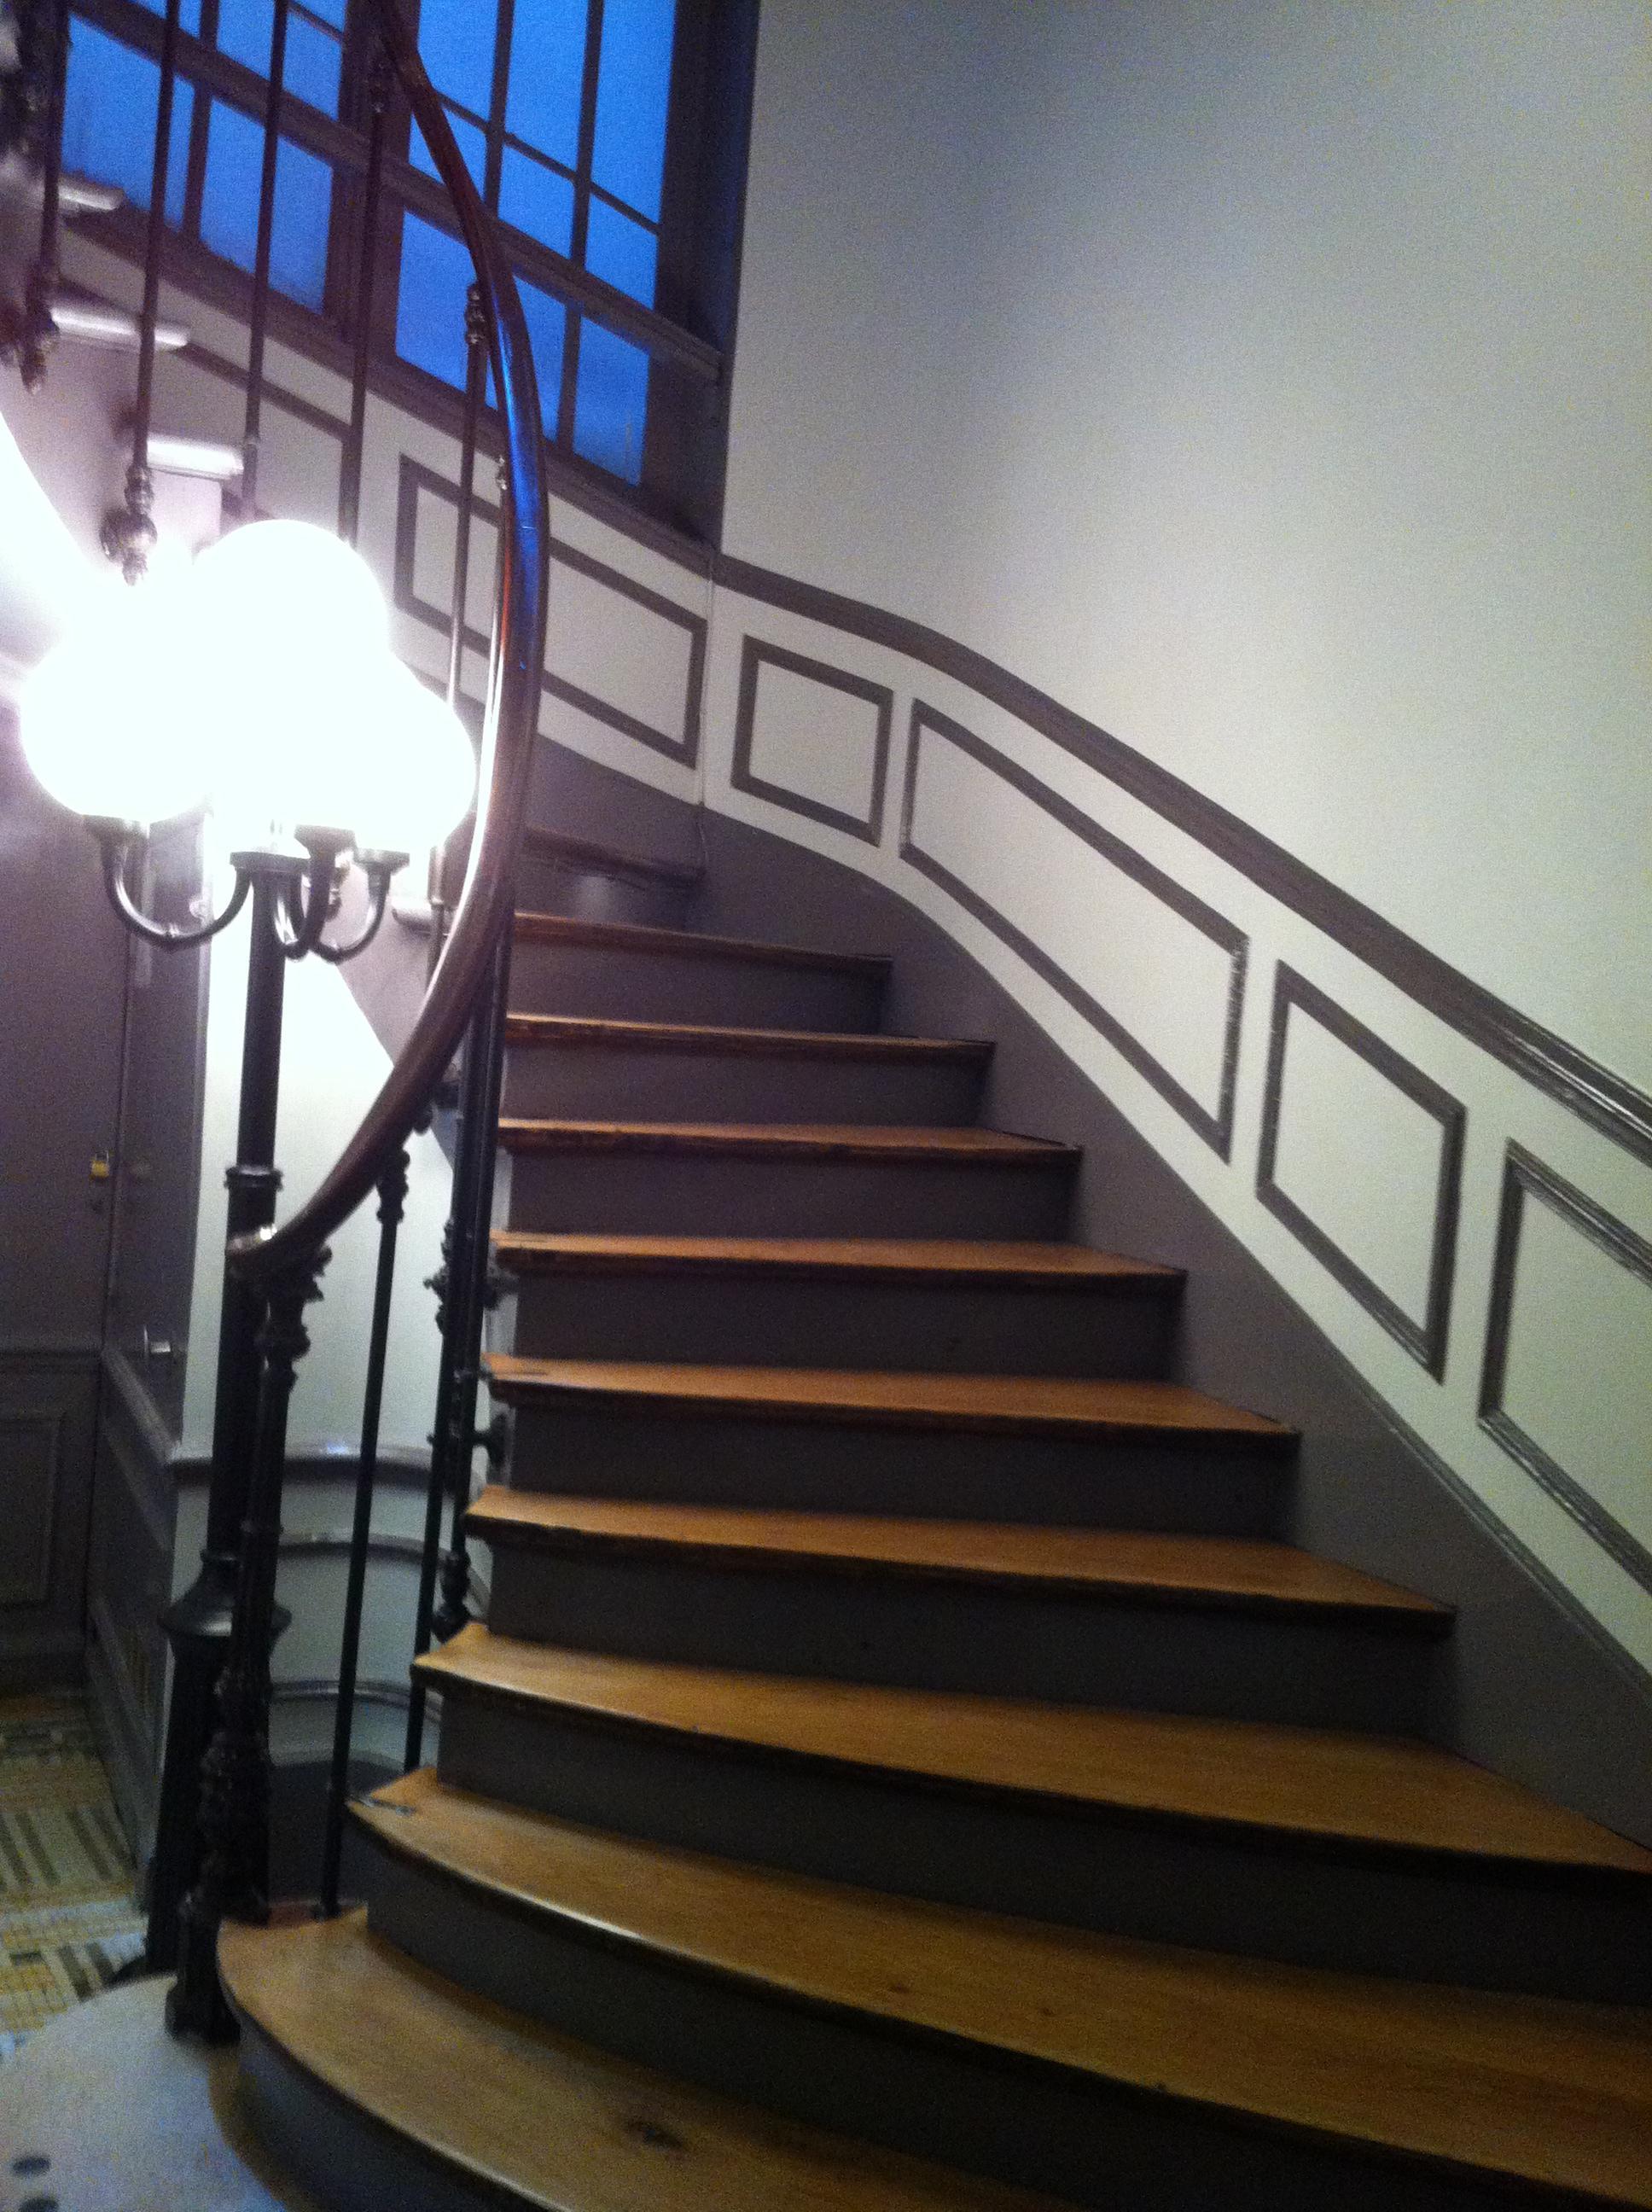 travaux de r novation pour les copropri t s et les. Black Bedroom Furniture Sets. Home Design Ideas